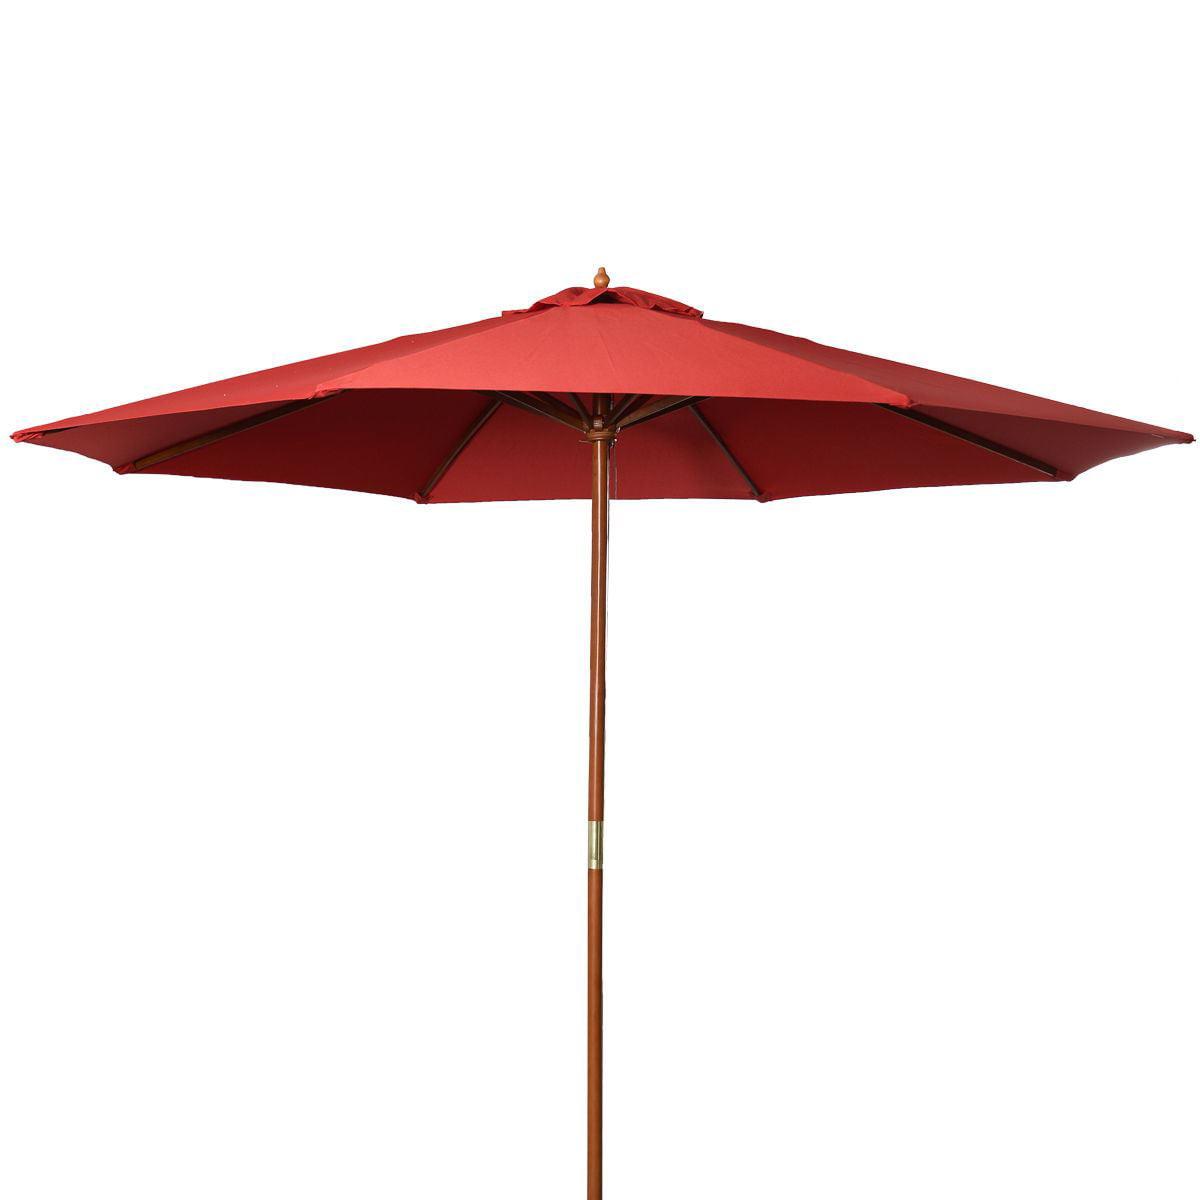 Captivating 9 Ft Bright Red Patio Umbrella   Outdoor Wooden Market Umbrella    Walmart.com